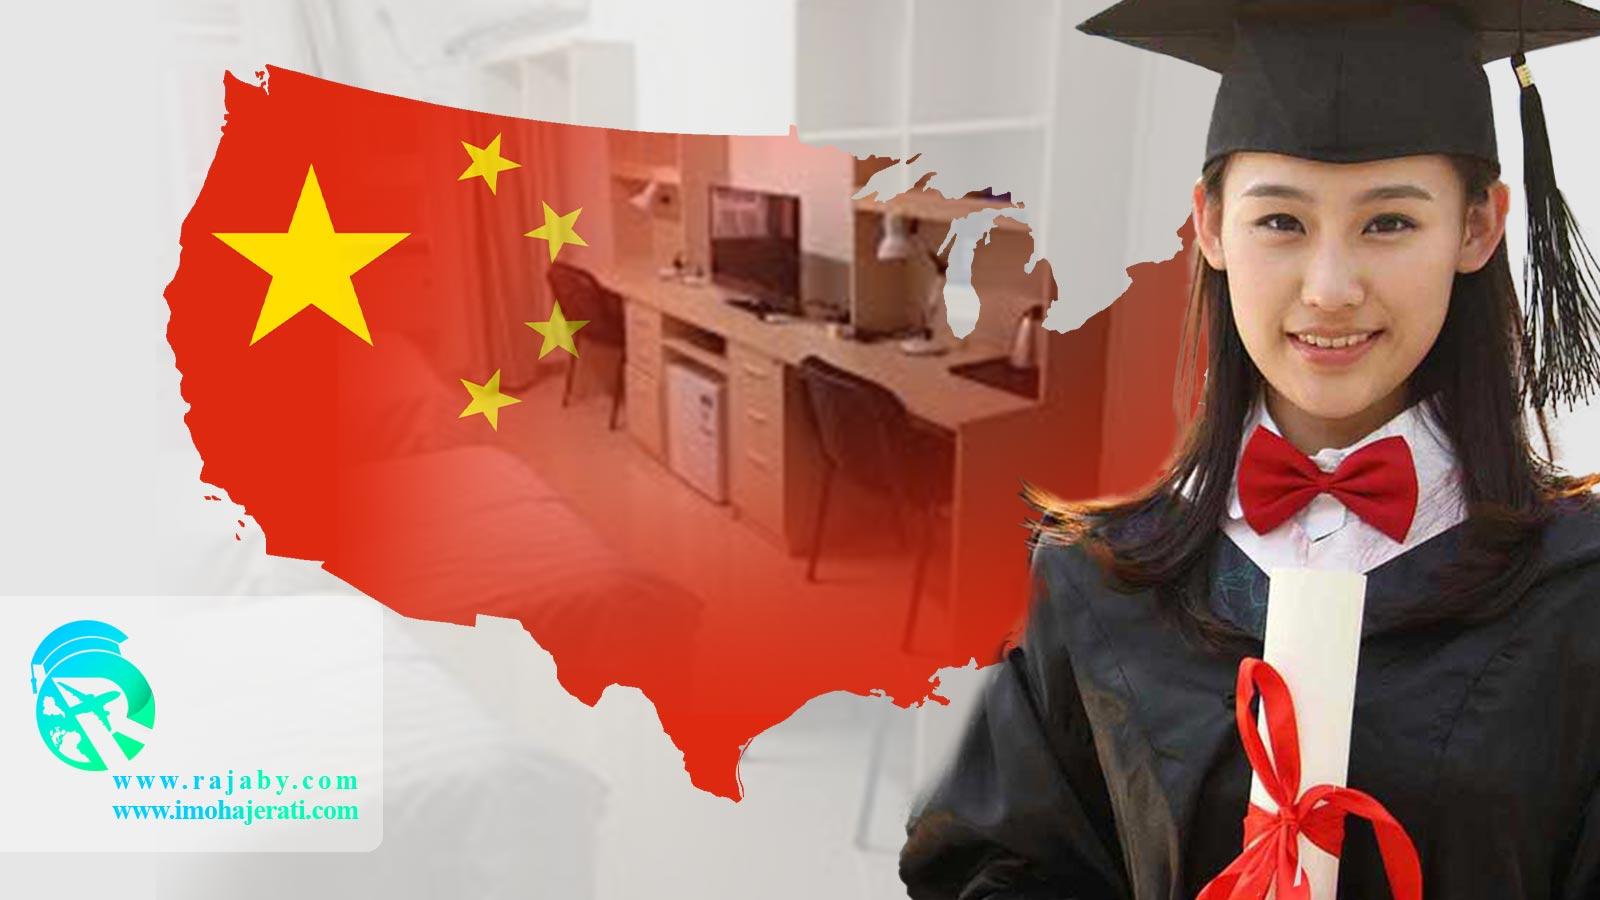 خوابگاه های دانشجویی کشور چین